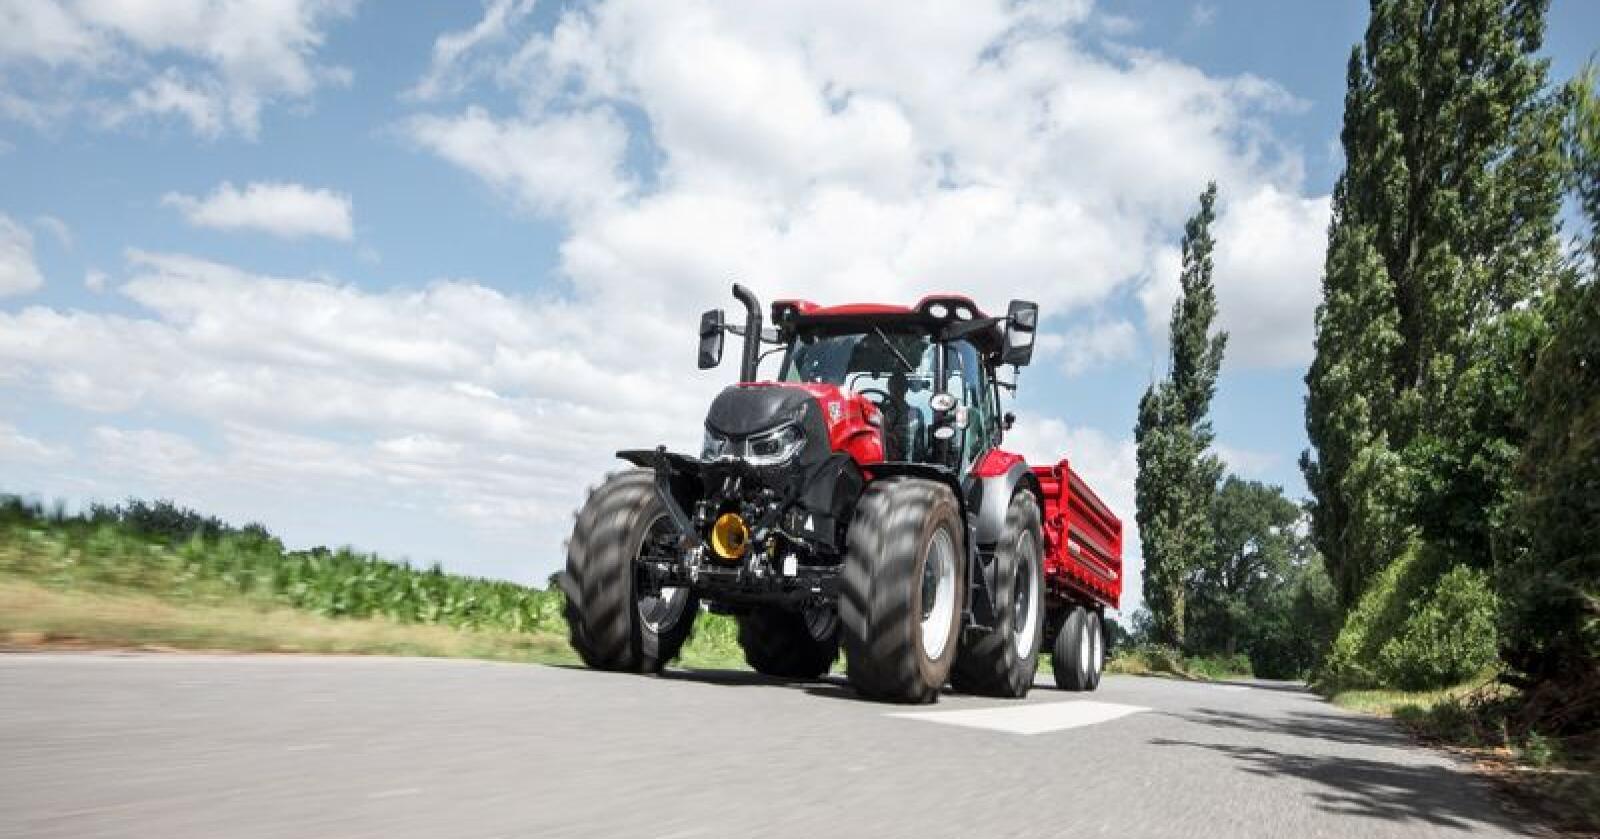 CNH kan med sin satsning på 3D-printa maskinkomponenter innlede en ny tidsalder for traktorproduksjonen. Foto: CNH